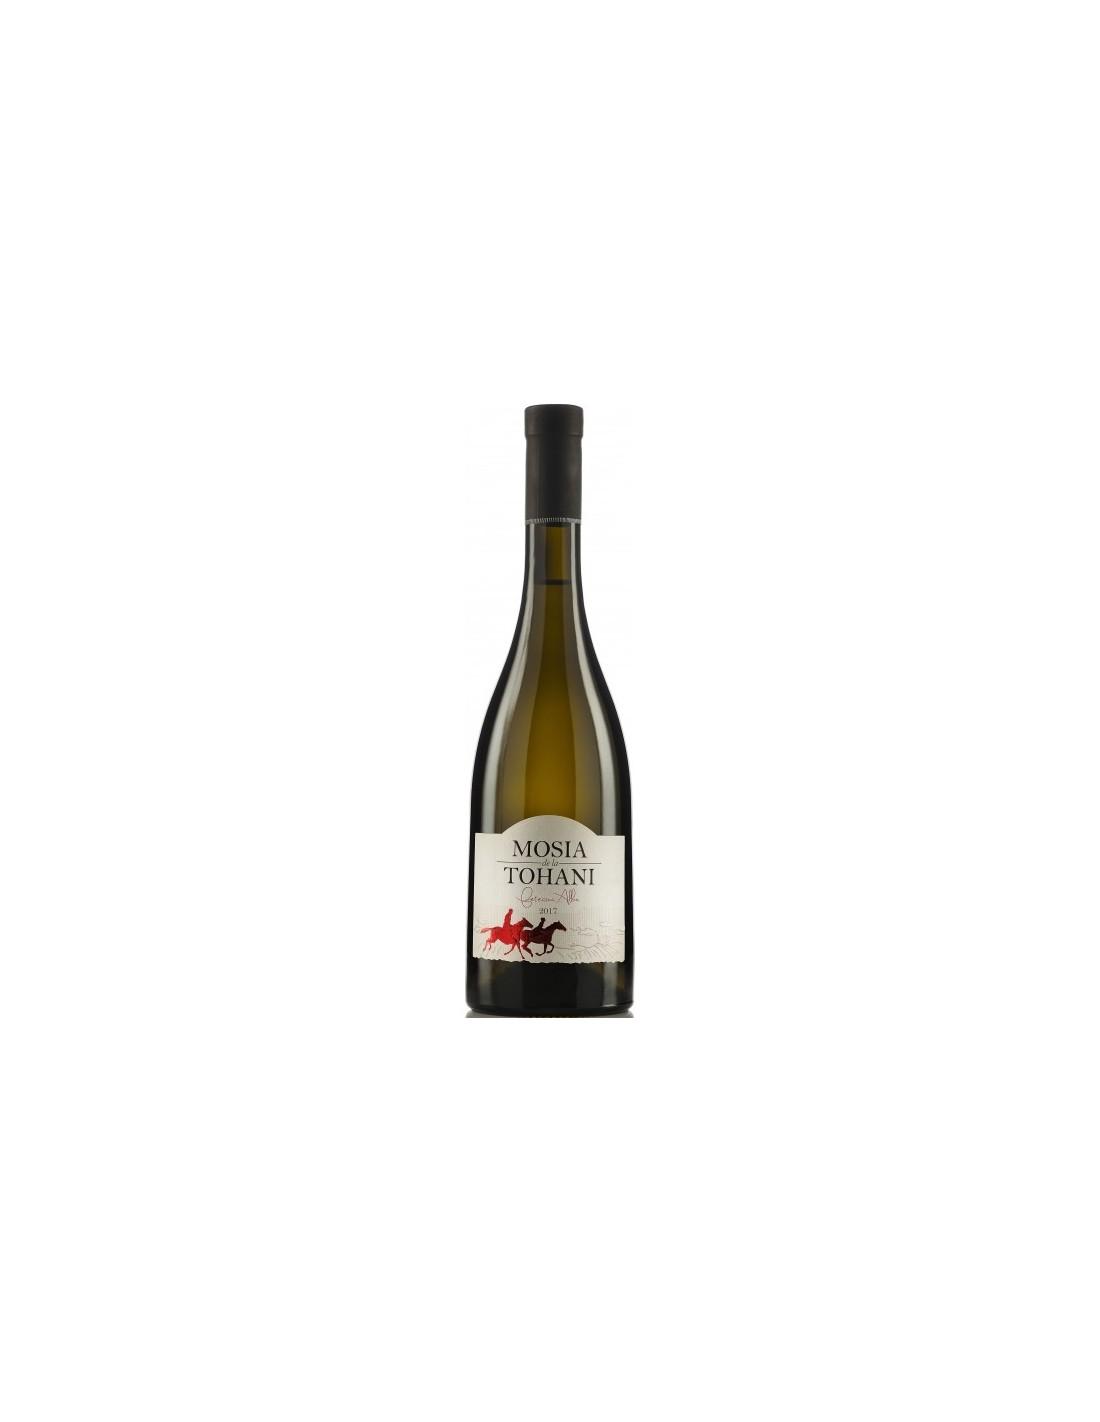 Vin alb sec, Feteasca Alba, Mosia 7 Coline Tohani, 0.75L, 13.5% alc., Romania